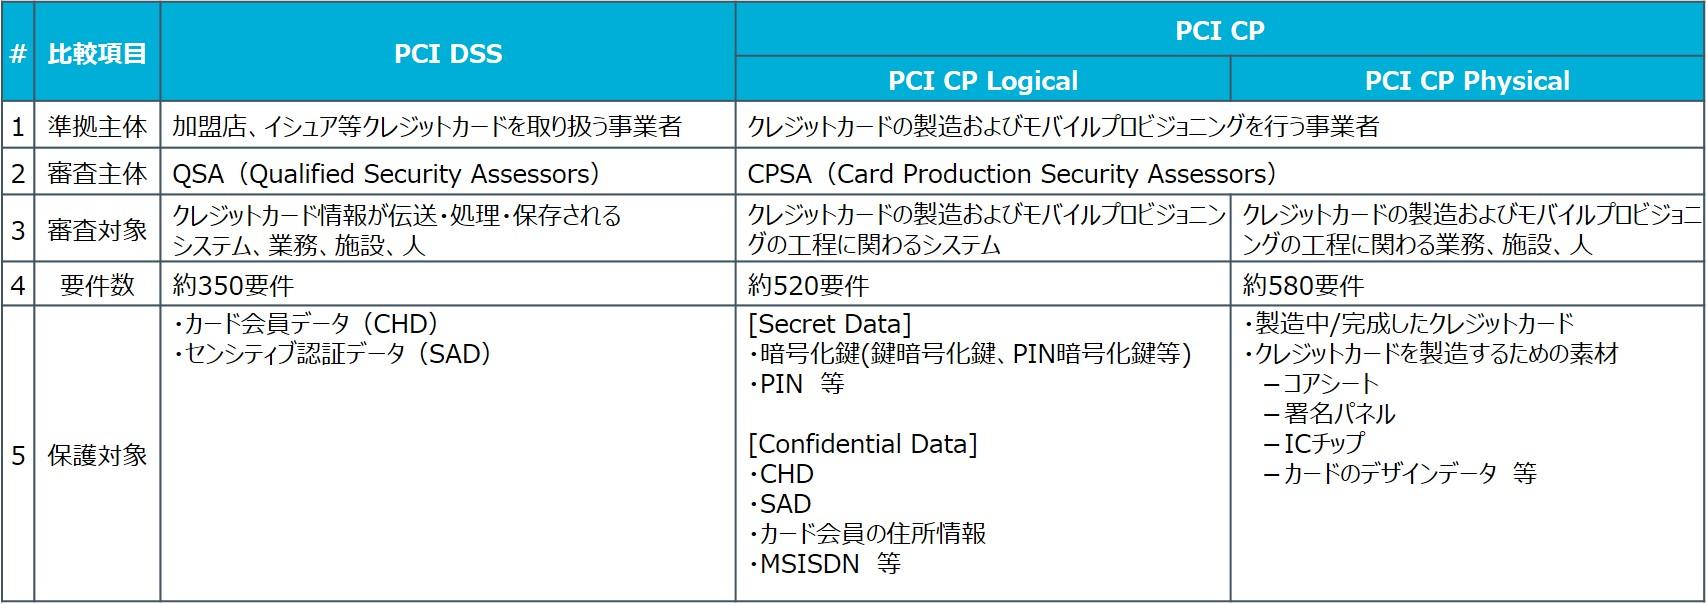 PCI_DSSとの違い